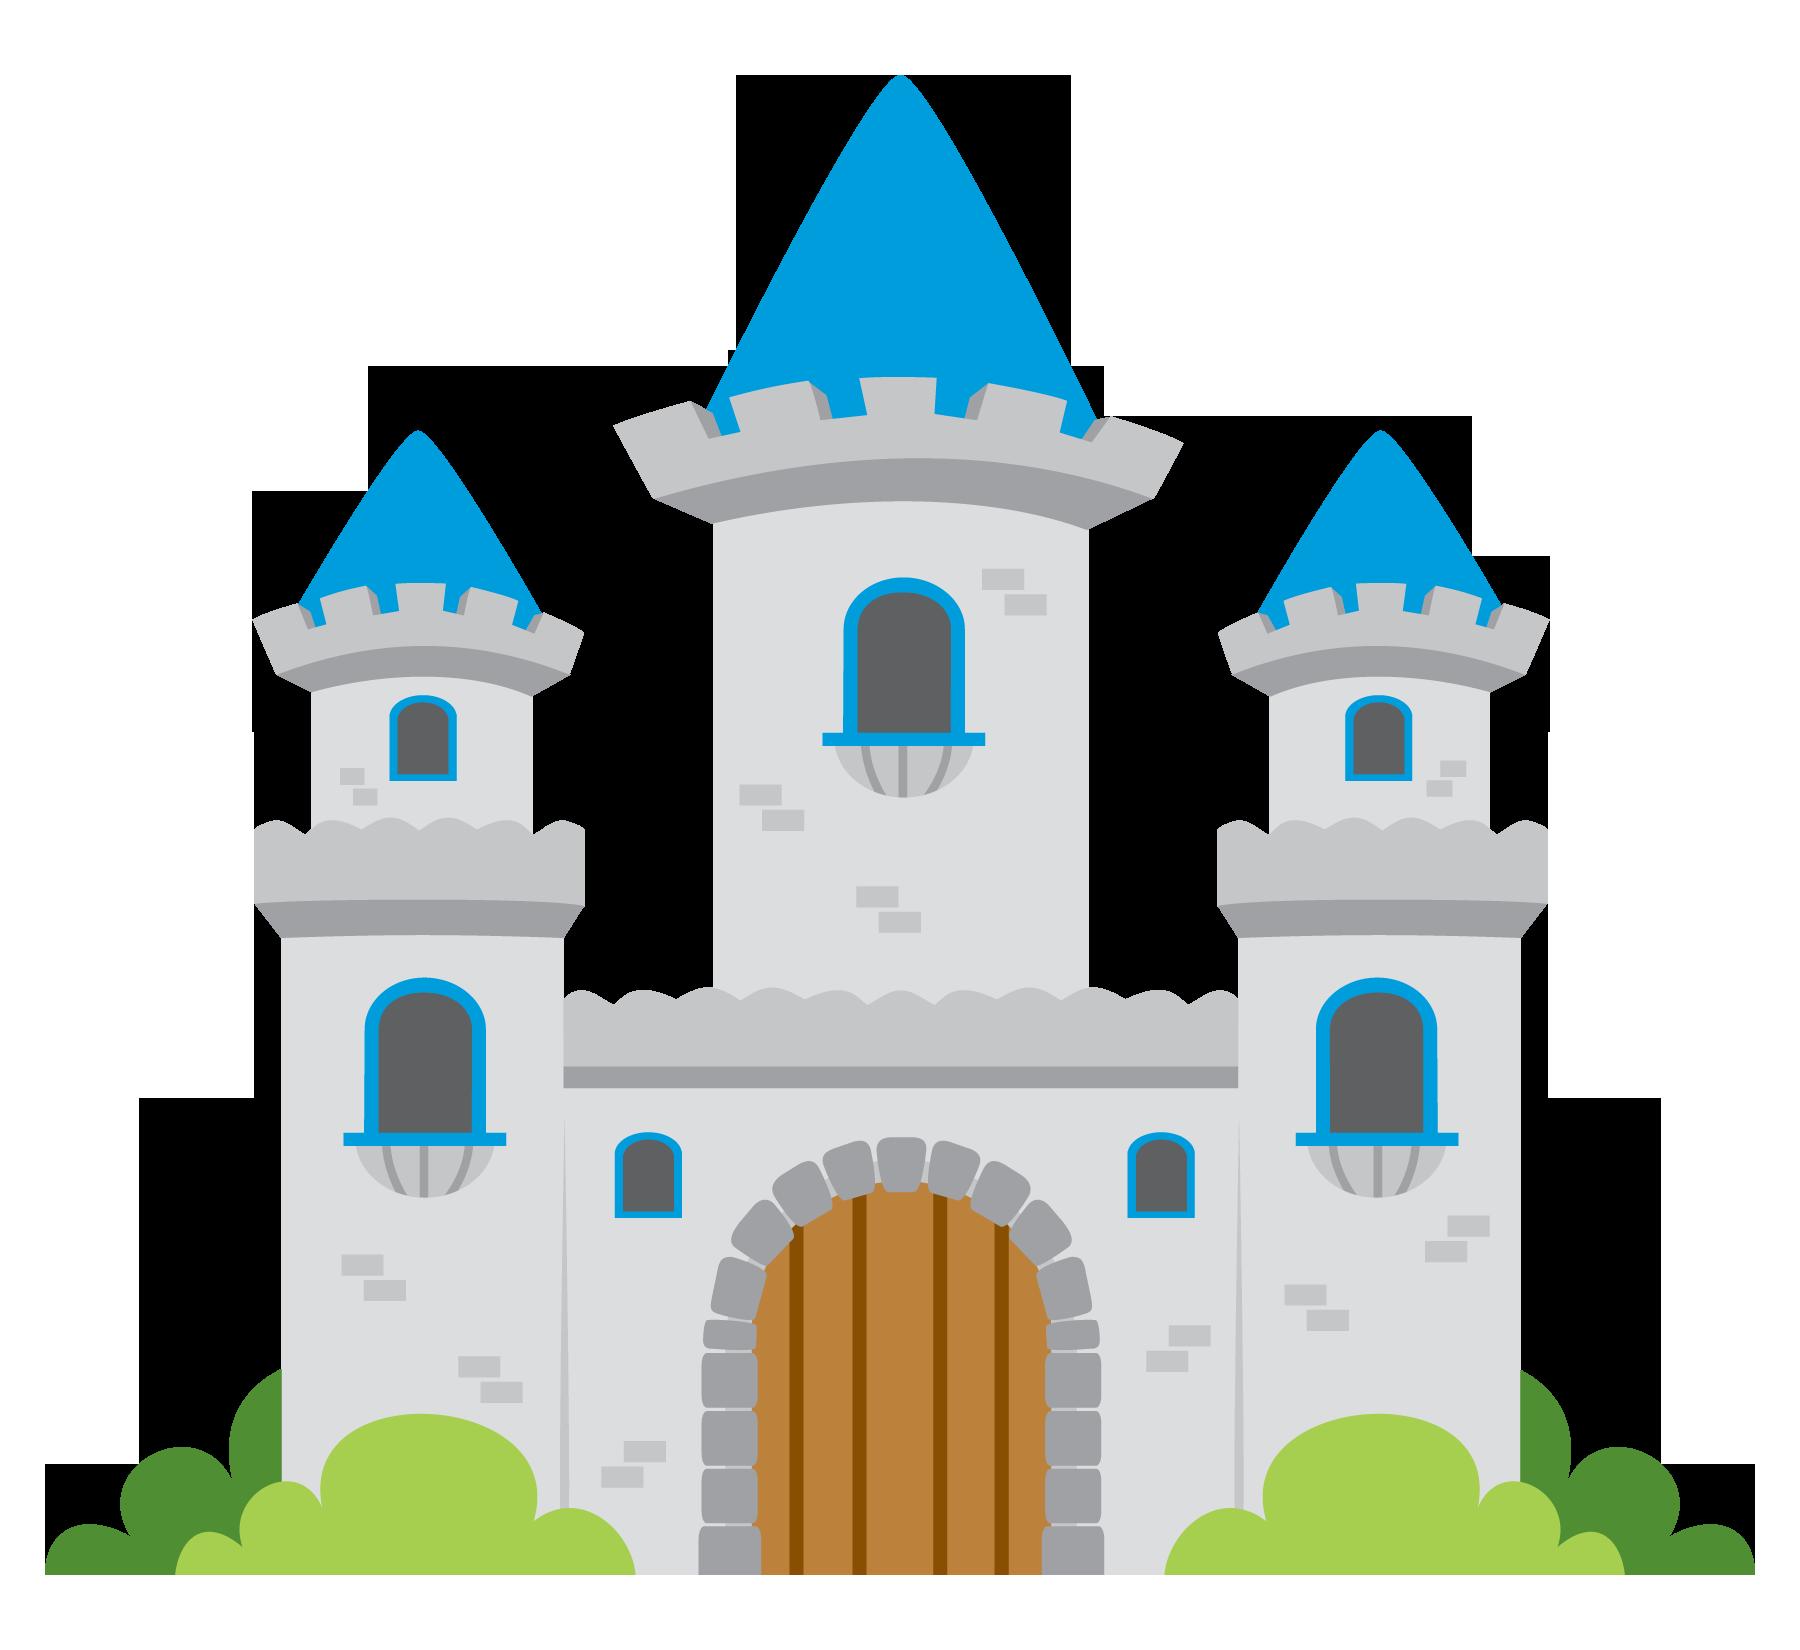 1800x1650 Castle Clipart Free Images Teacher Recruitment Castle Clipart